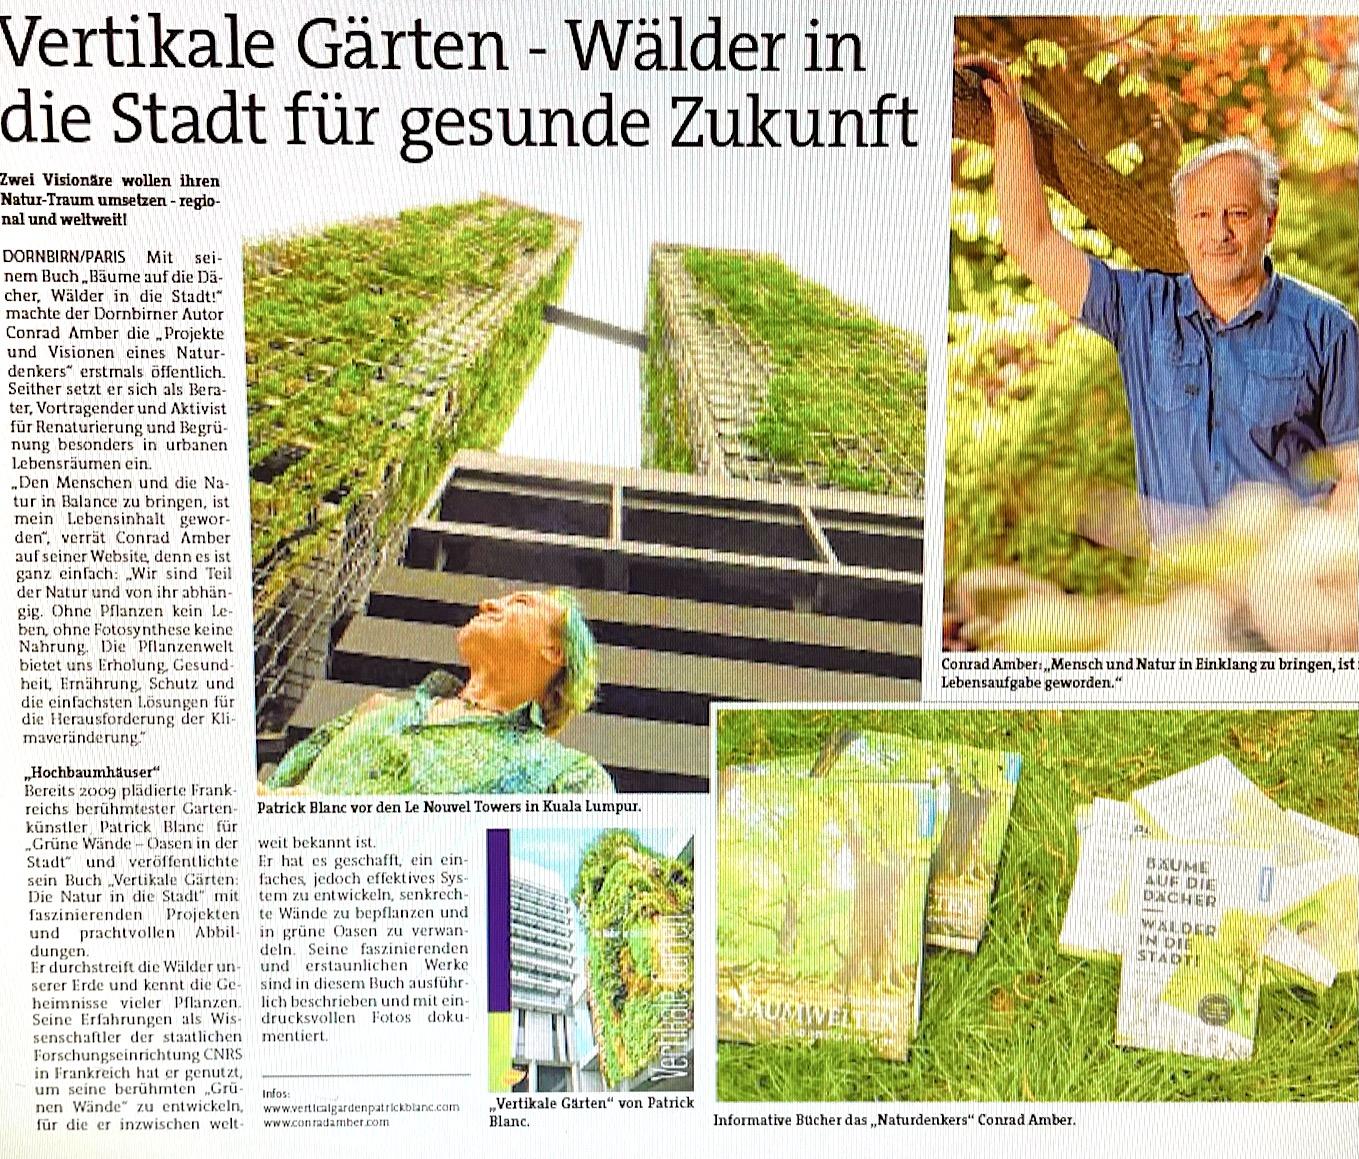 """Zwei Visionäre wollen ihren Naturtraum umsetzen – regional und weltweit! Mit seinem Buch """"Bäume auf die Dächer, Wälder in die Stadt!"""" machte der Dornbirner Autor Conrad Amber die """"Projekte und Visionen eines Naturdenkers"""" erstmals öffentlich. Seither setzt er sich als Berater, Vortragender und Aktivist für Renaturierung und Begrünung besonders in urbanen Lebensräumen ein. """"Den Menschen und die Natur in Balance zu bringen, ist mein Lebensinhalt geworden"""", verrät Conrad Amber auf seiner Website, denn es ist ganz einfach: """"Wir sind Teil der Natur und von ihr abhängig. Ohne Pflanzen kein Leben, ohne Fotosynthese keine Nahrung.""""  Von Verena Daum, www.progression.at (der Artikel ist am 17.9.21 in der Extra-Ausgabe """"Wertvoll - Öko-Initiativen …"""" der """"Vorarlberger Nachrichten"""" erschienen)"""